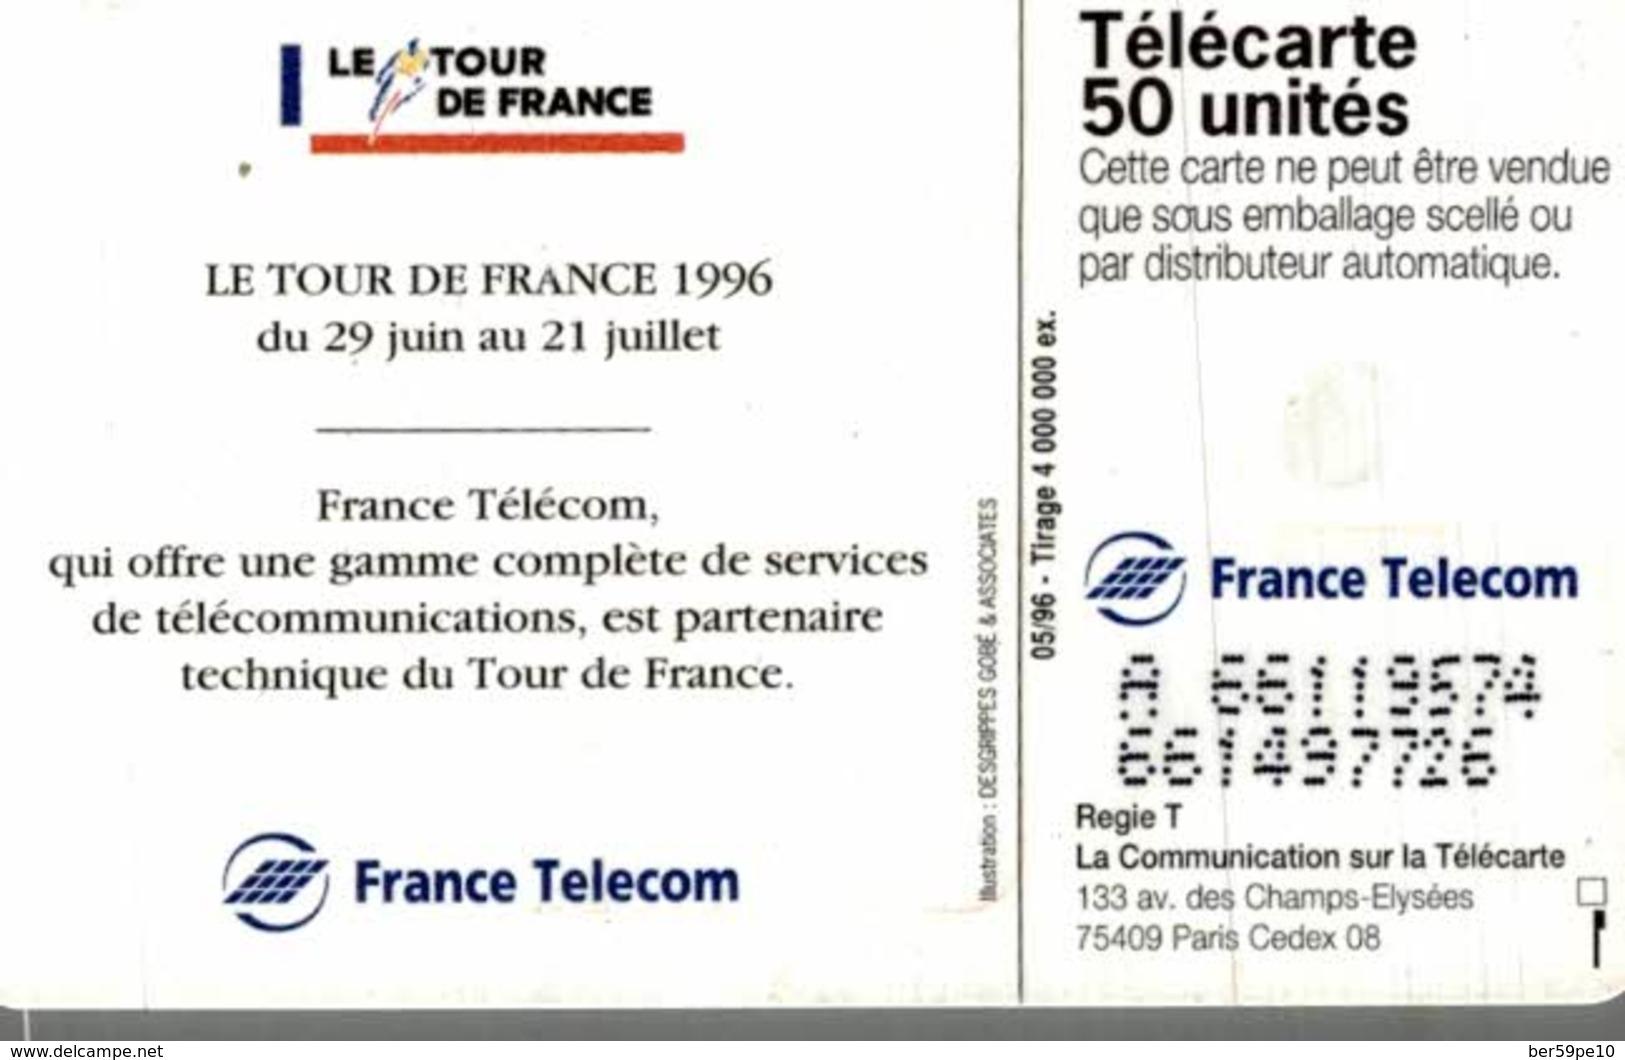 TELECARTE 50 UNITES LE TOUR DE FRANCE 96 - Sport